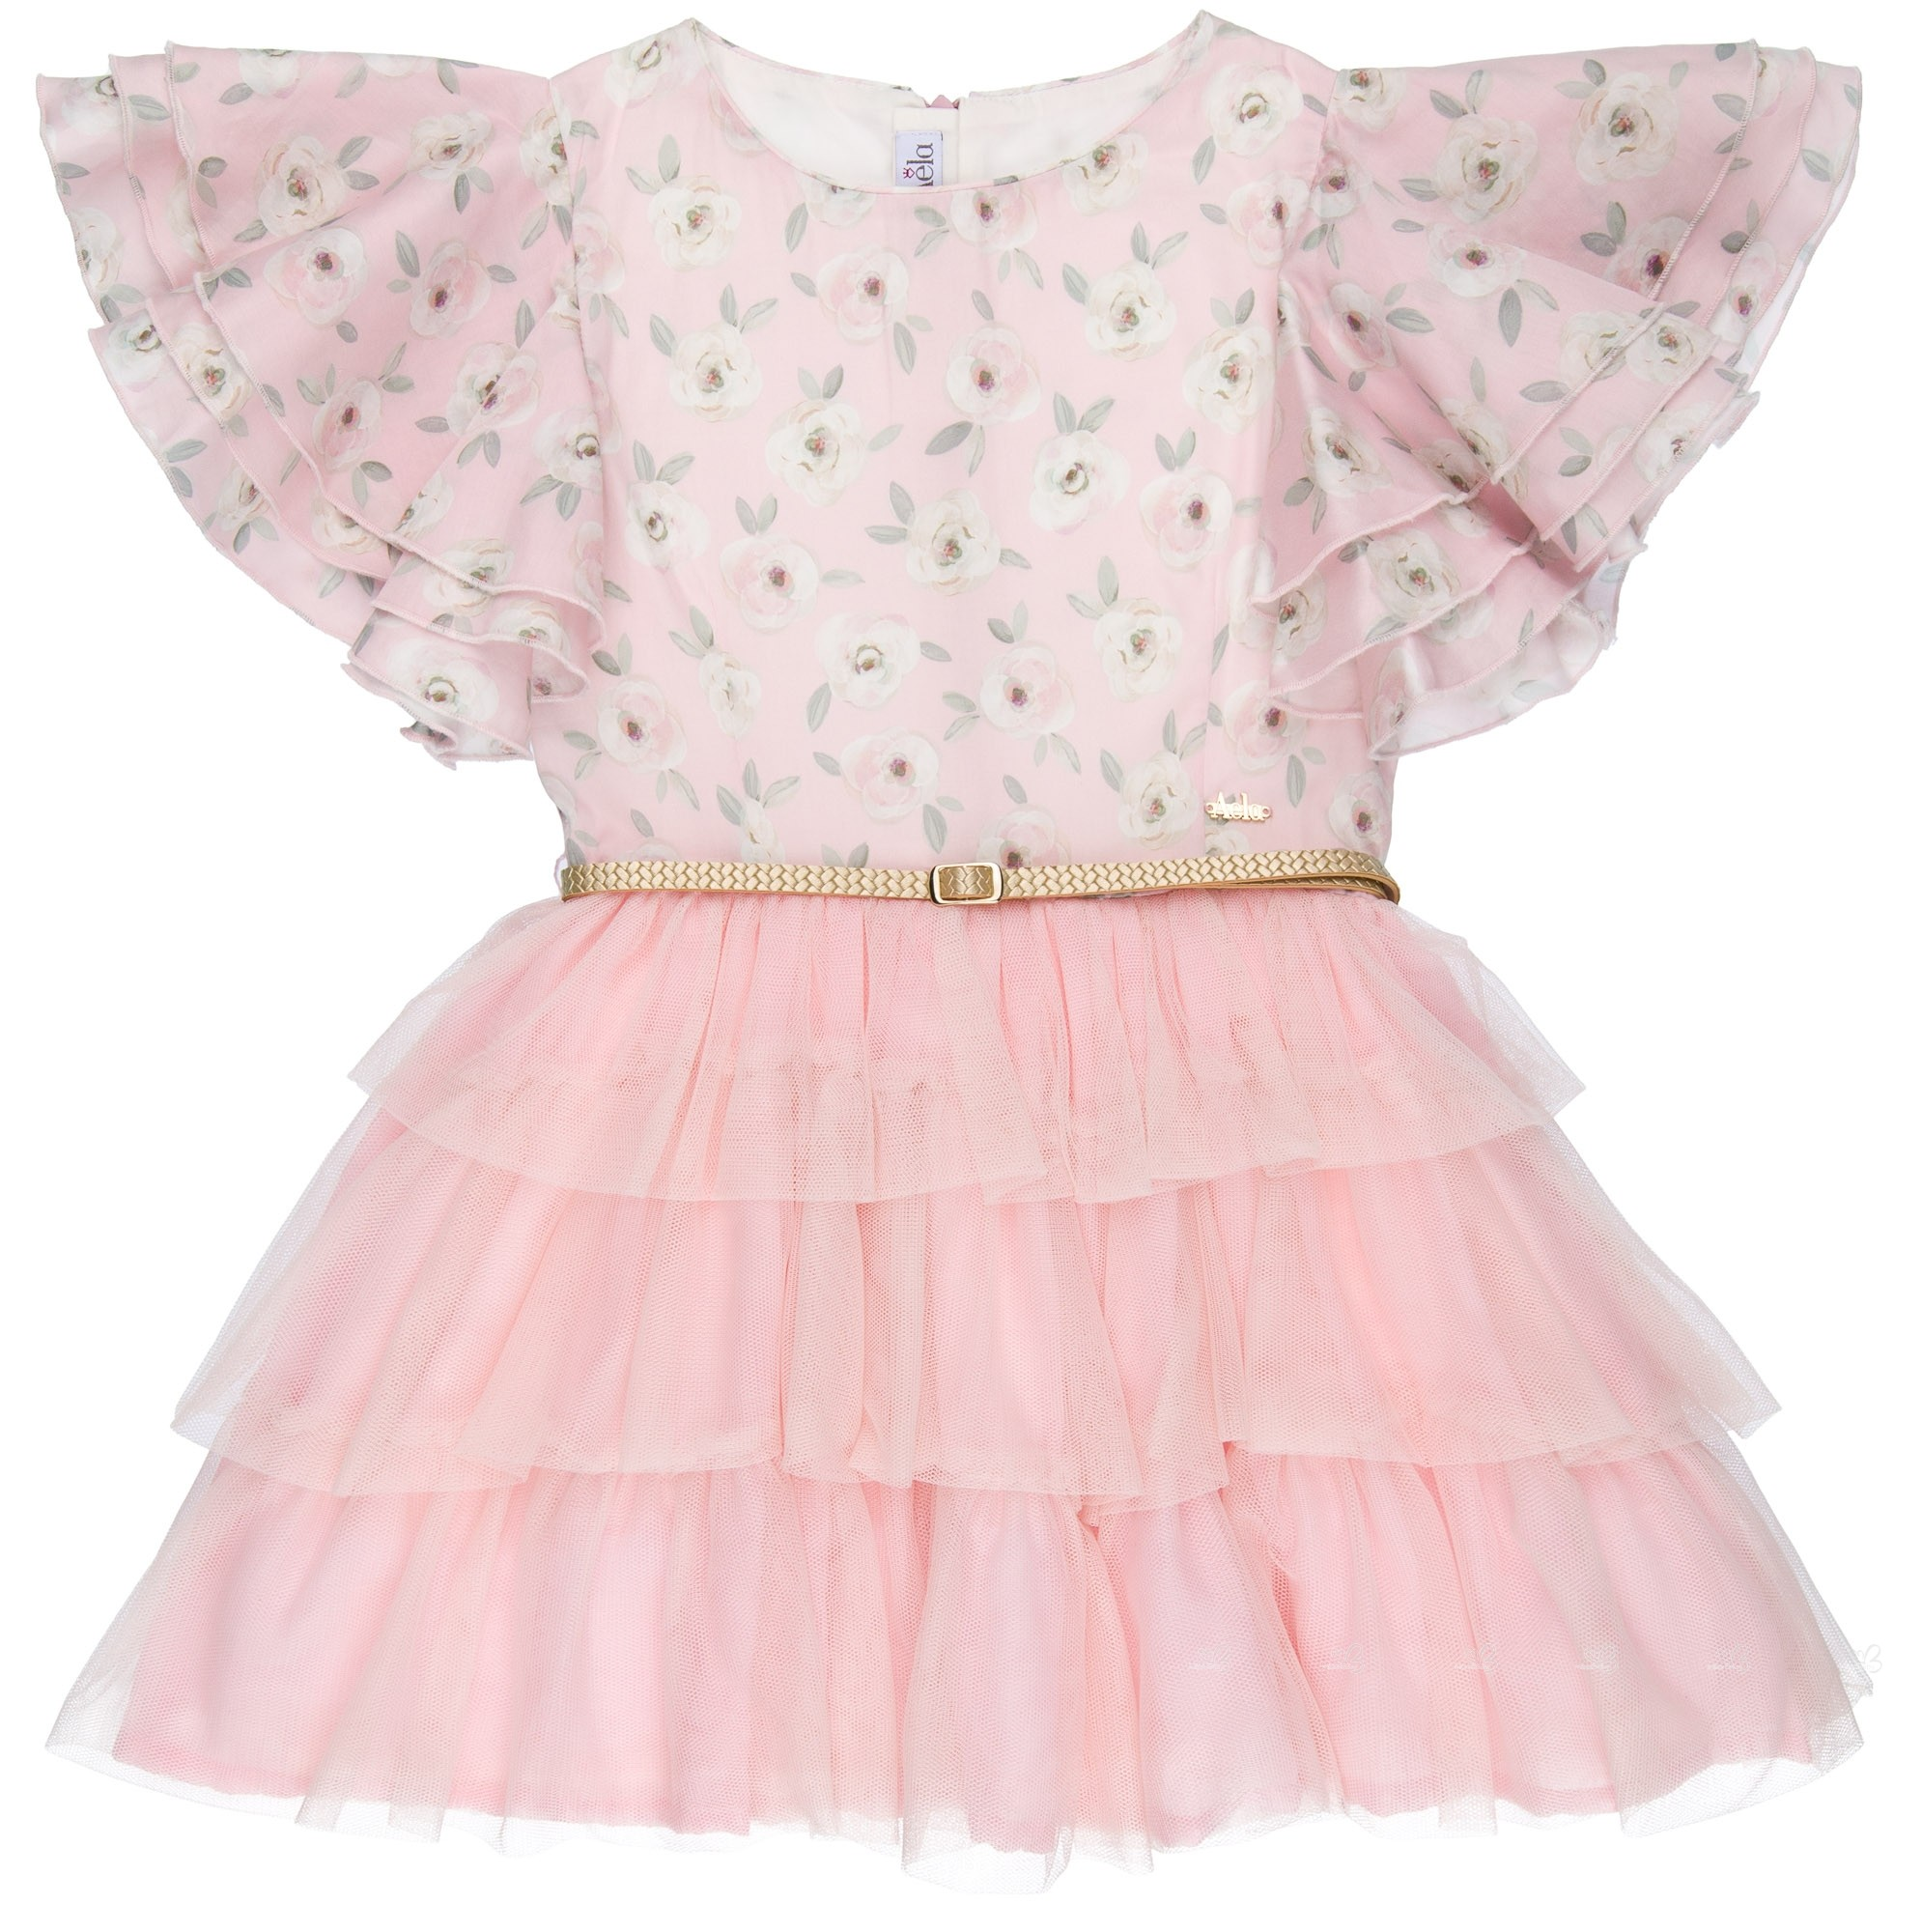 f425ec2a3 Dolce Petit Vestido Niña Combinado Floral & Falda Volantes Tul Rosa ...